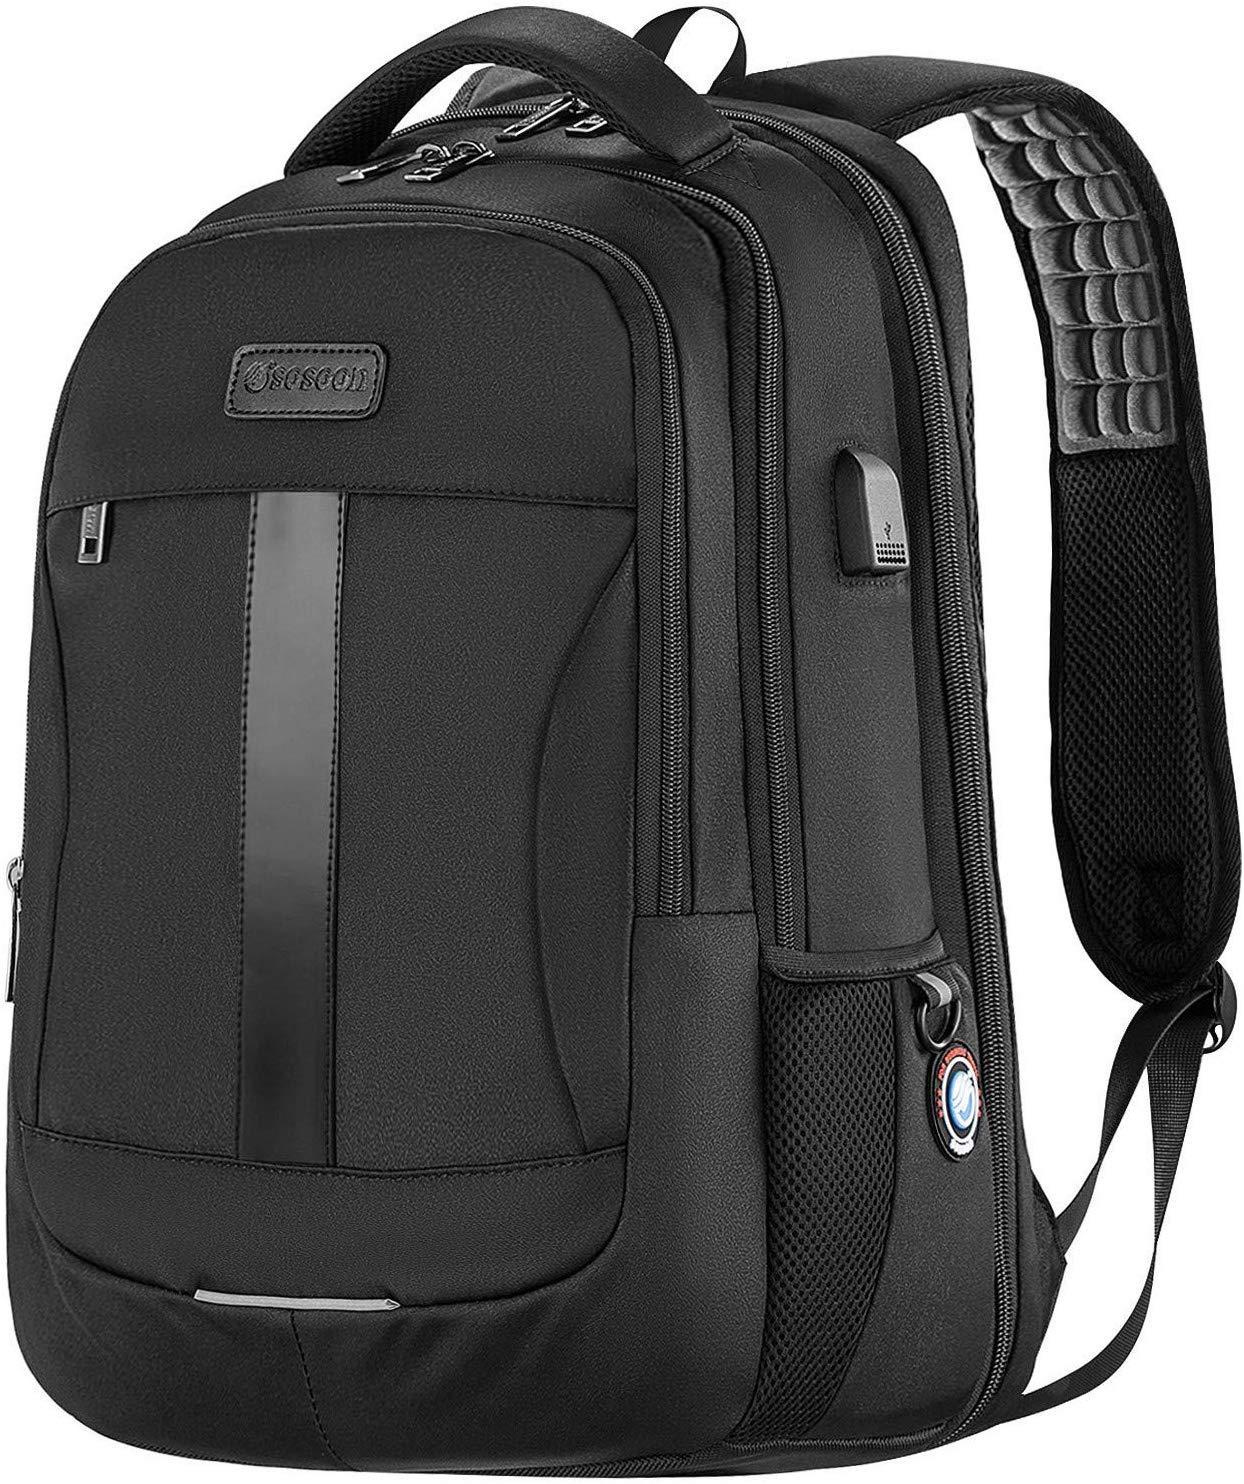 15.6-17inch Laptop Backpack TSA Large Bag School Bookbags for Men Women Black